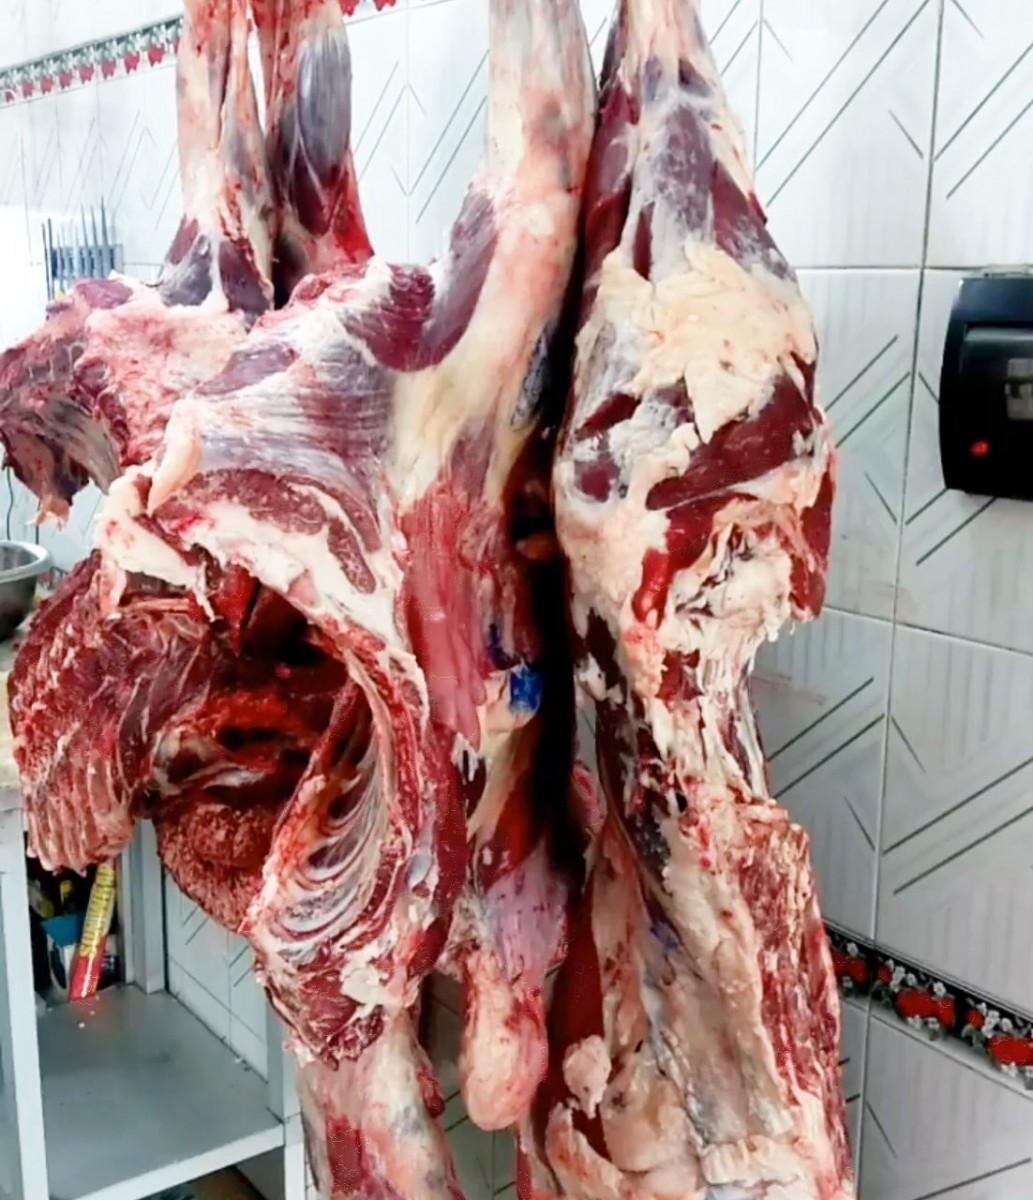 بهترین قسمت گوشت گوساله برای کباب و ابگوشت و خورشت